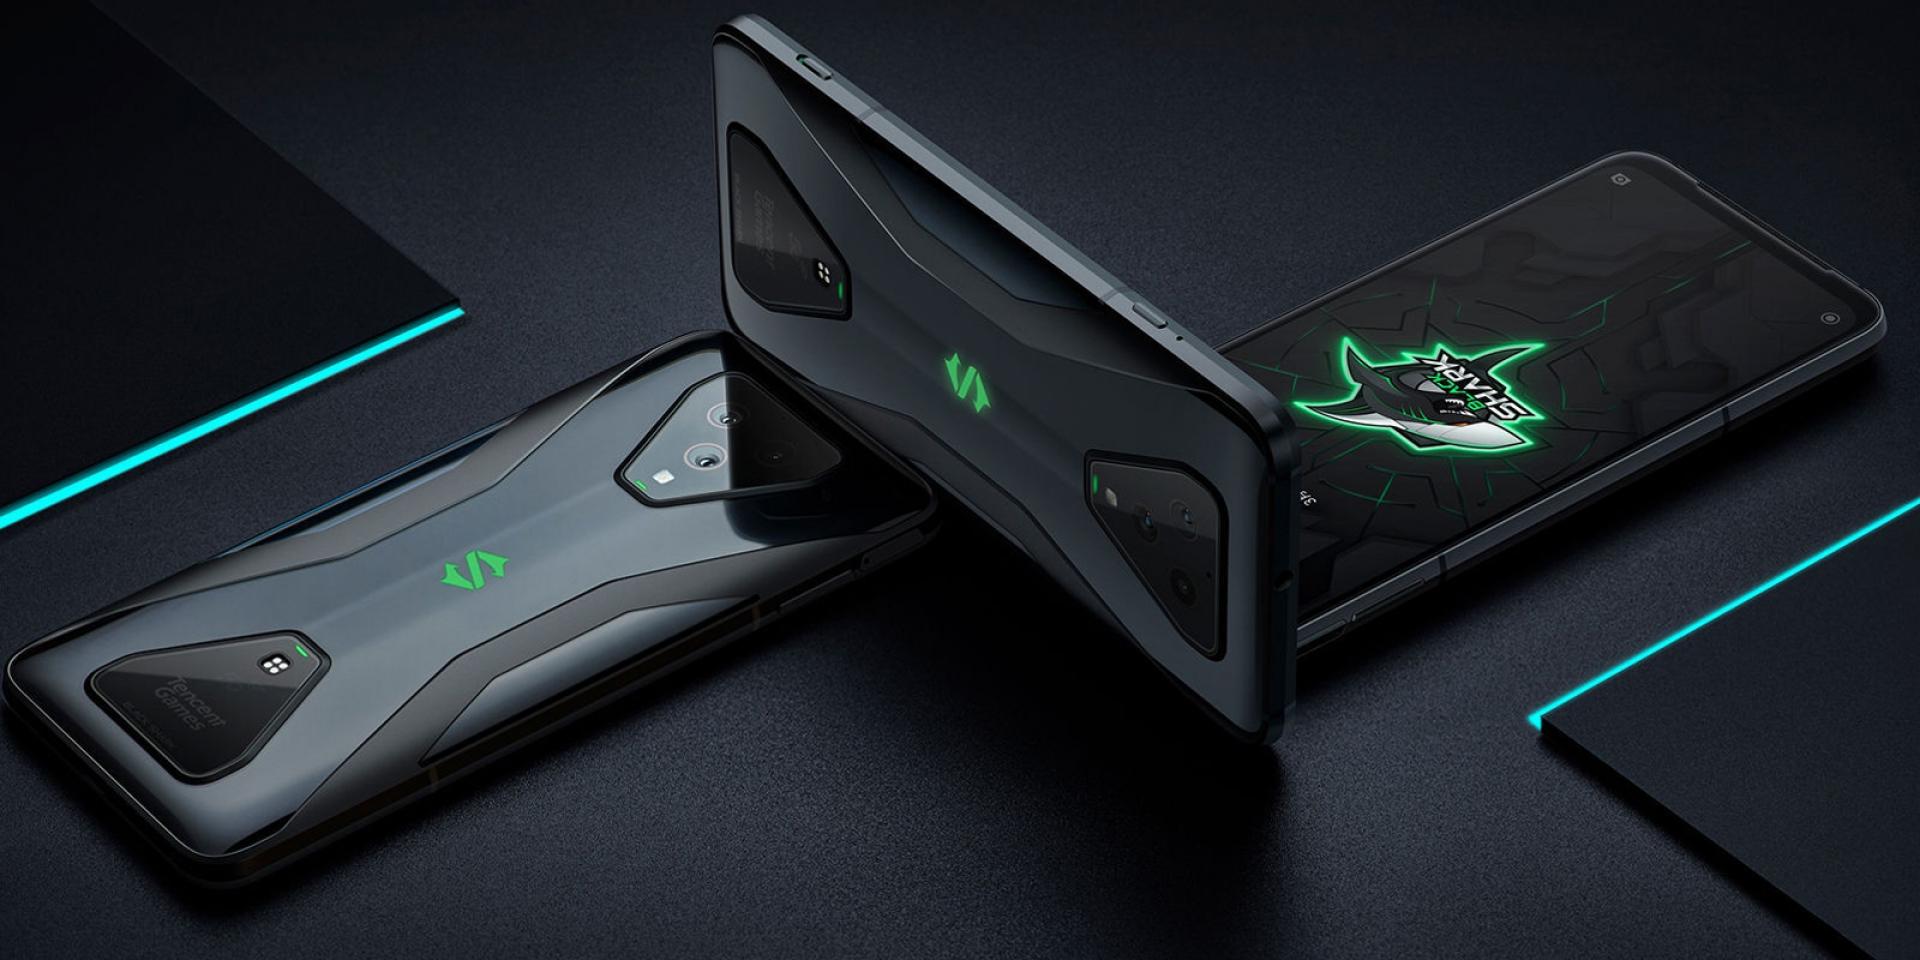 新一代電競手機問世! 黑鯊3和黑鯊3Pro即日起已可預購